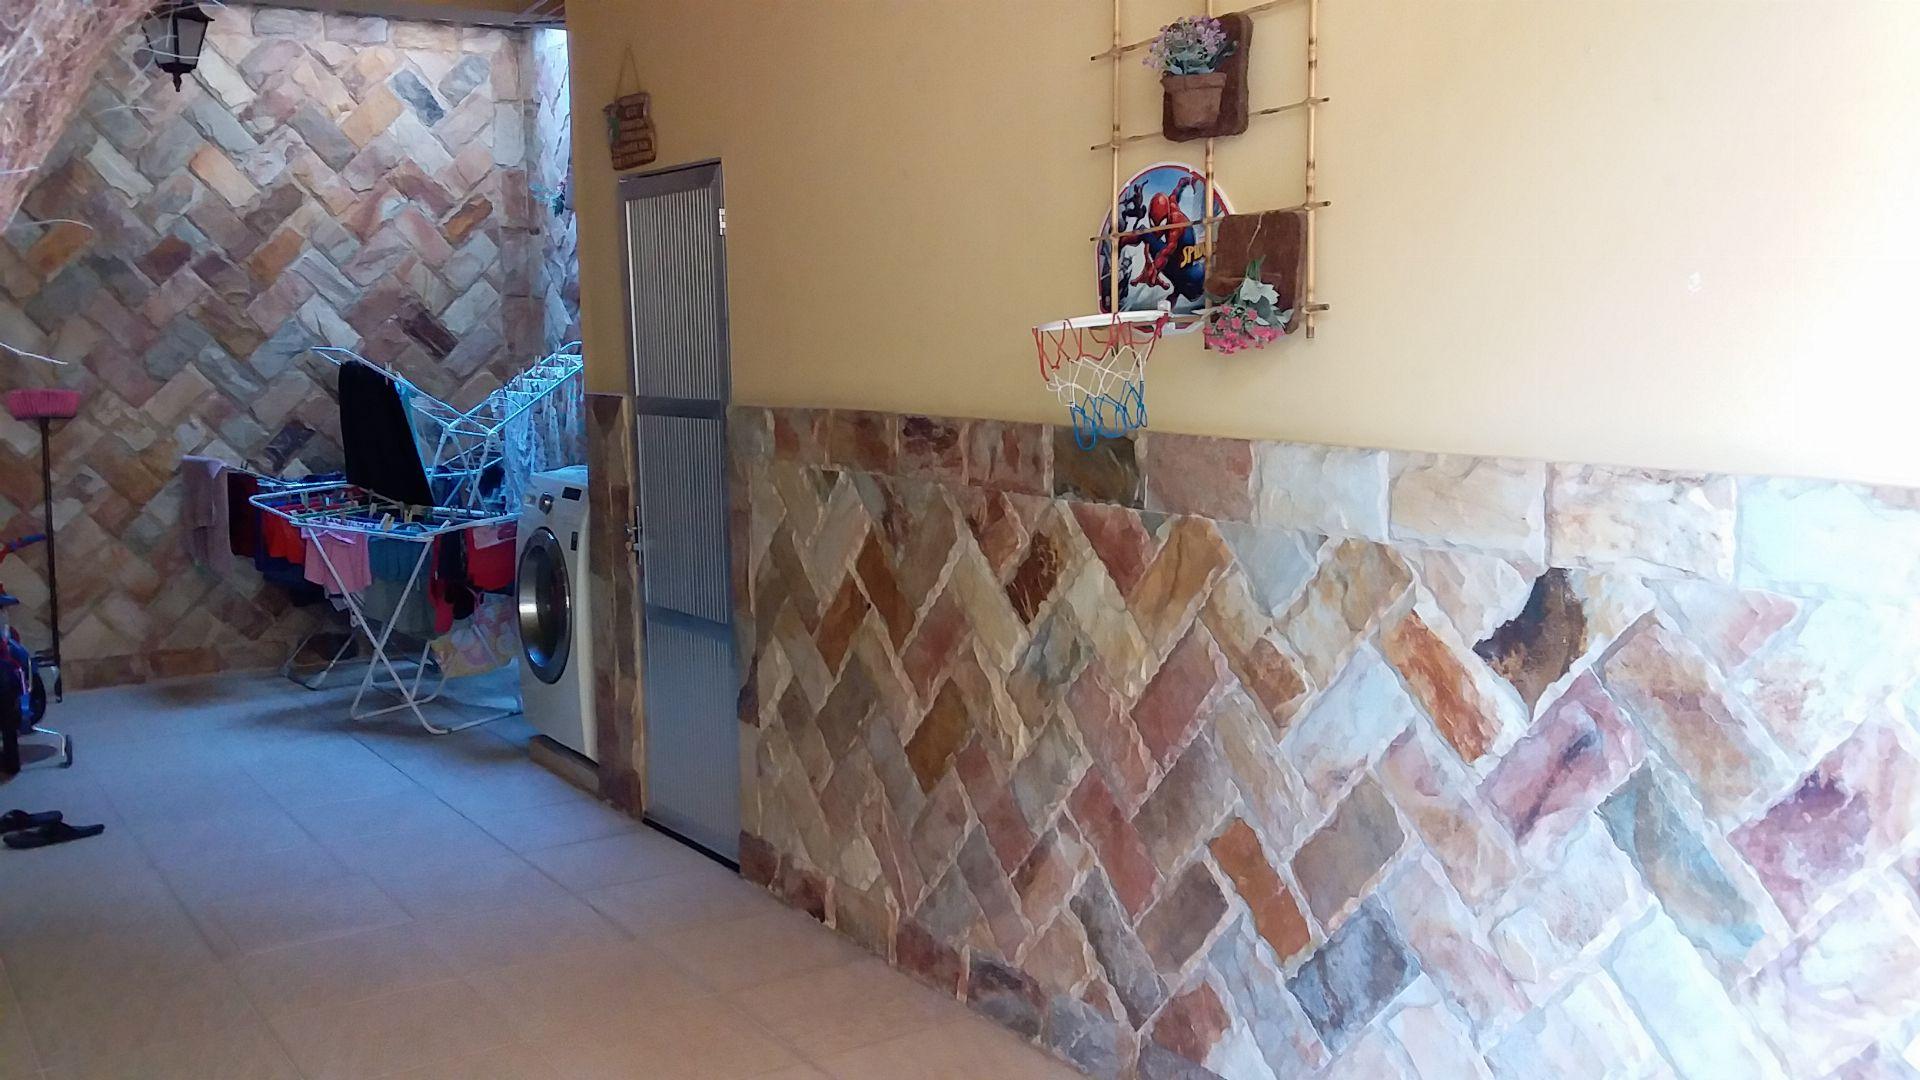 FOTO 12 - Apartamento à venda Estrada da Fontinha,Bento Ribeiro, Rio de Janeiro - R$ 340.000 - RF192 - 13